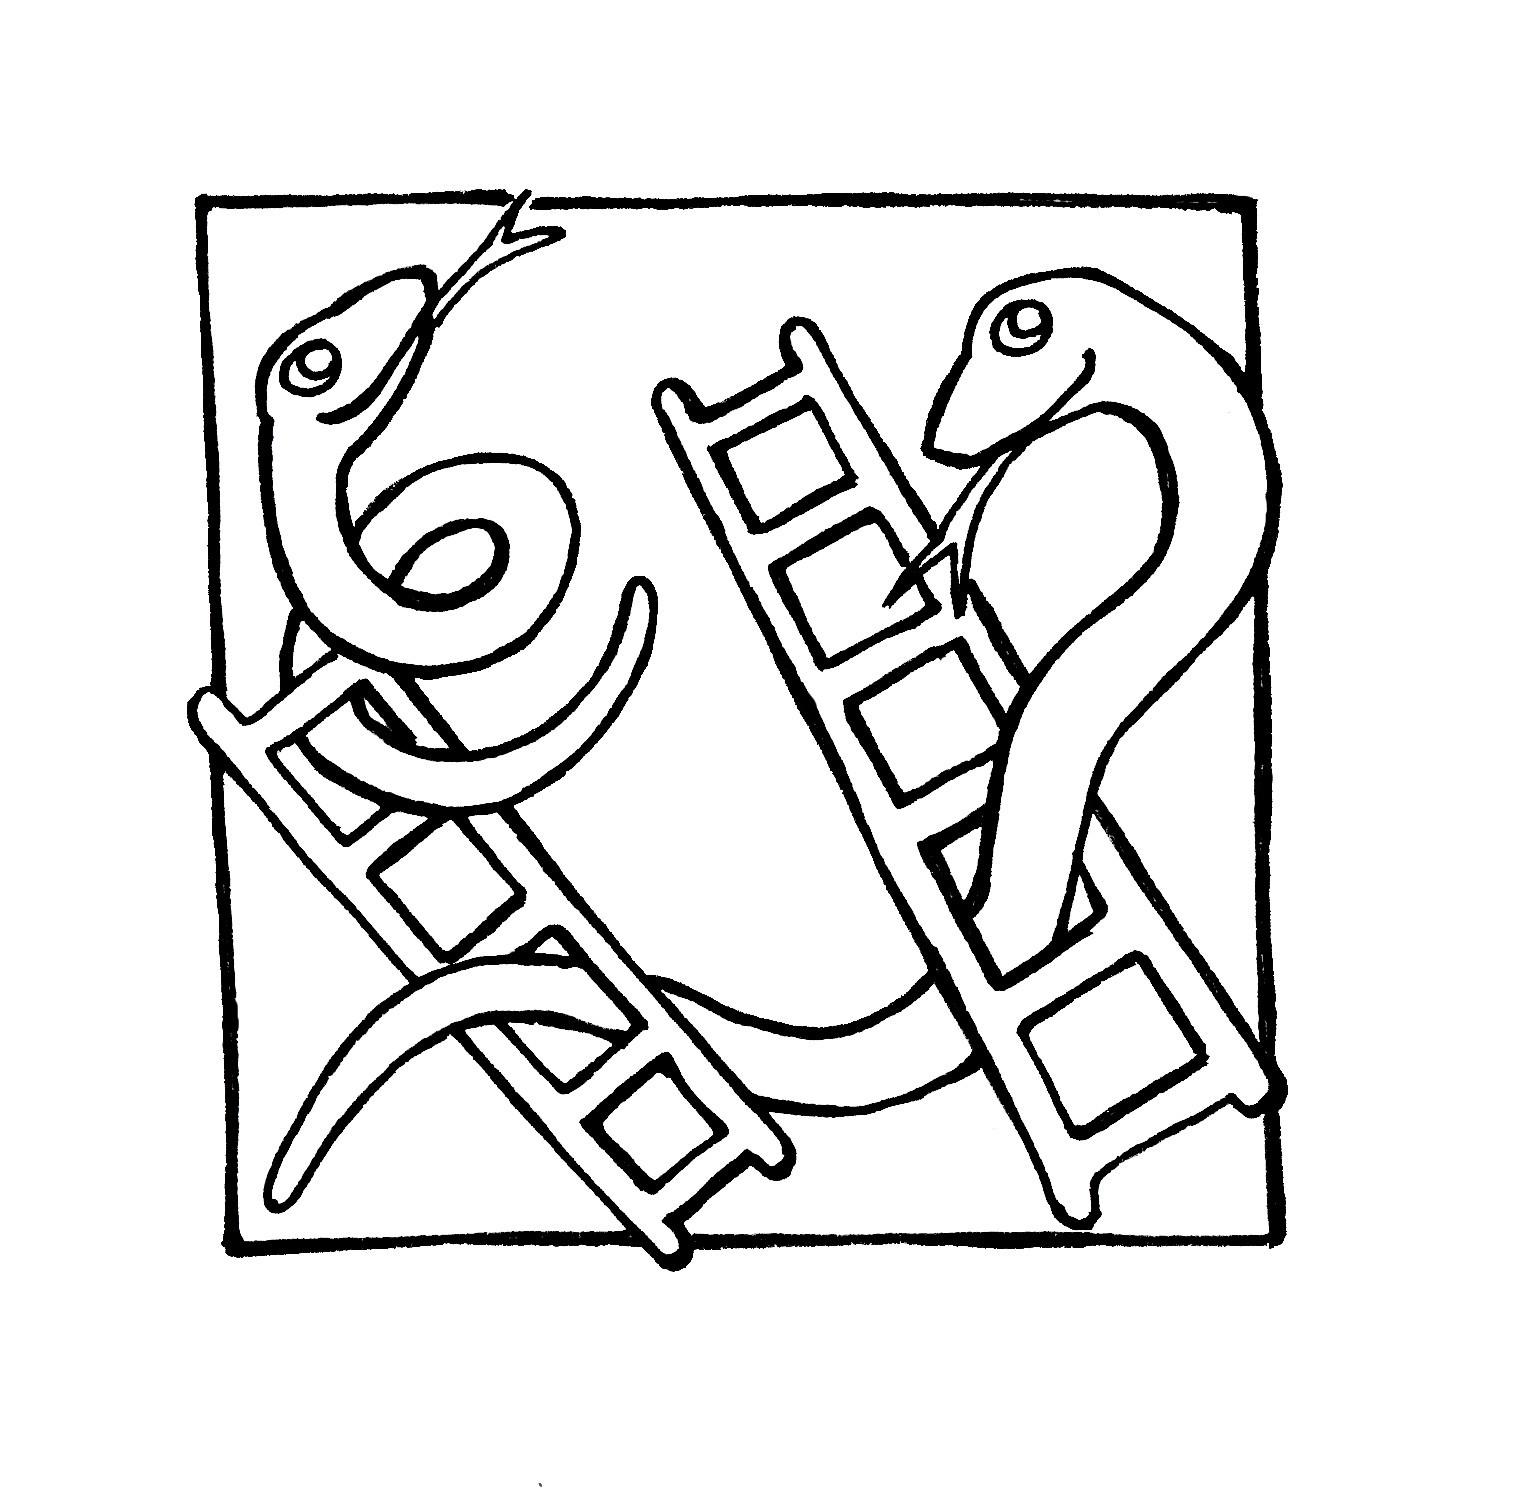 emg 81 wiring diagram wiring diagram database Passive EMG Pickups Wiring-Diagram wiring diagram emg 81 85 i all wiring diagram database emg 81 85 sg wiring emg 81 wiring diagram